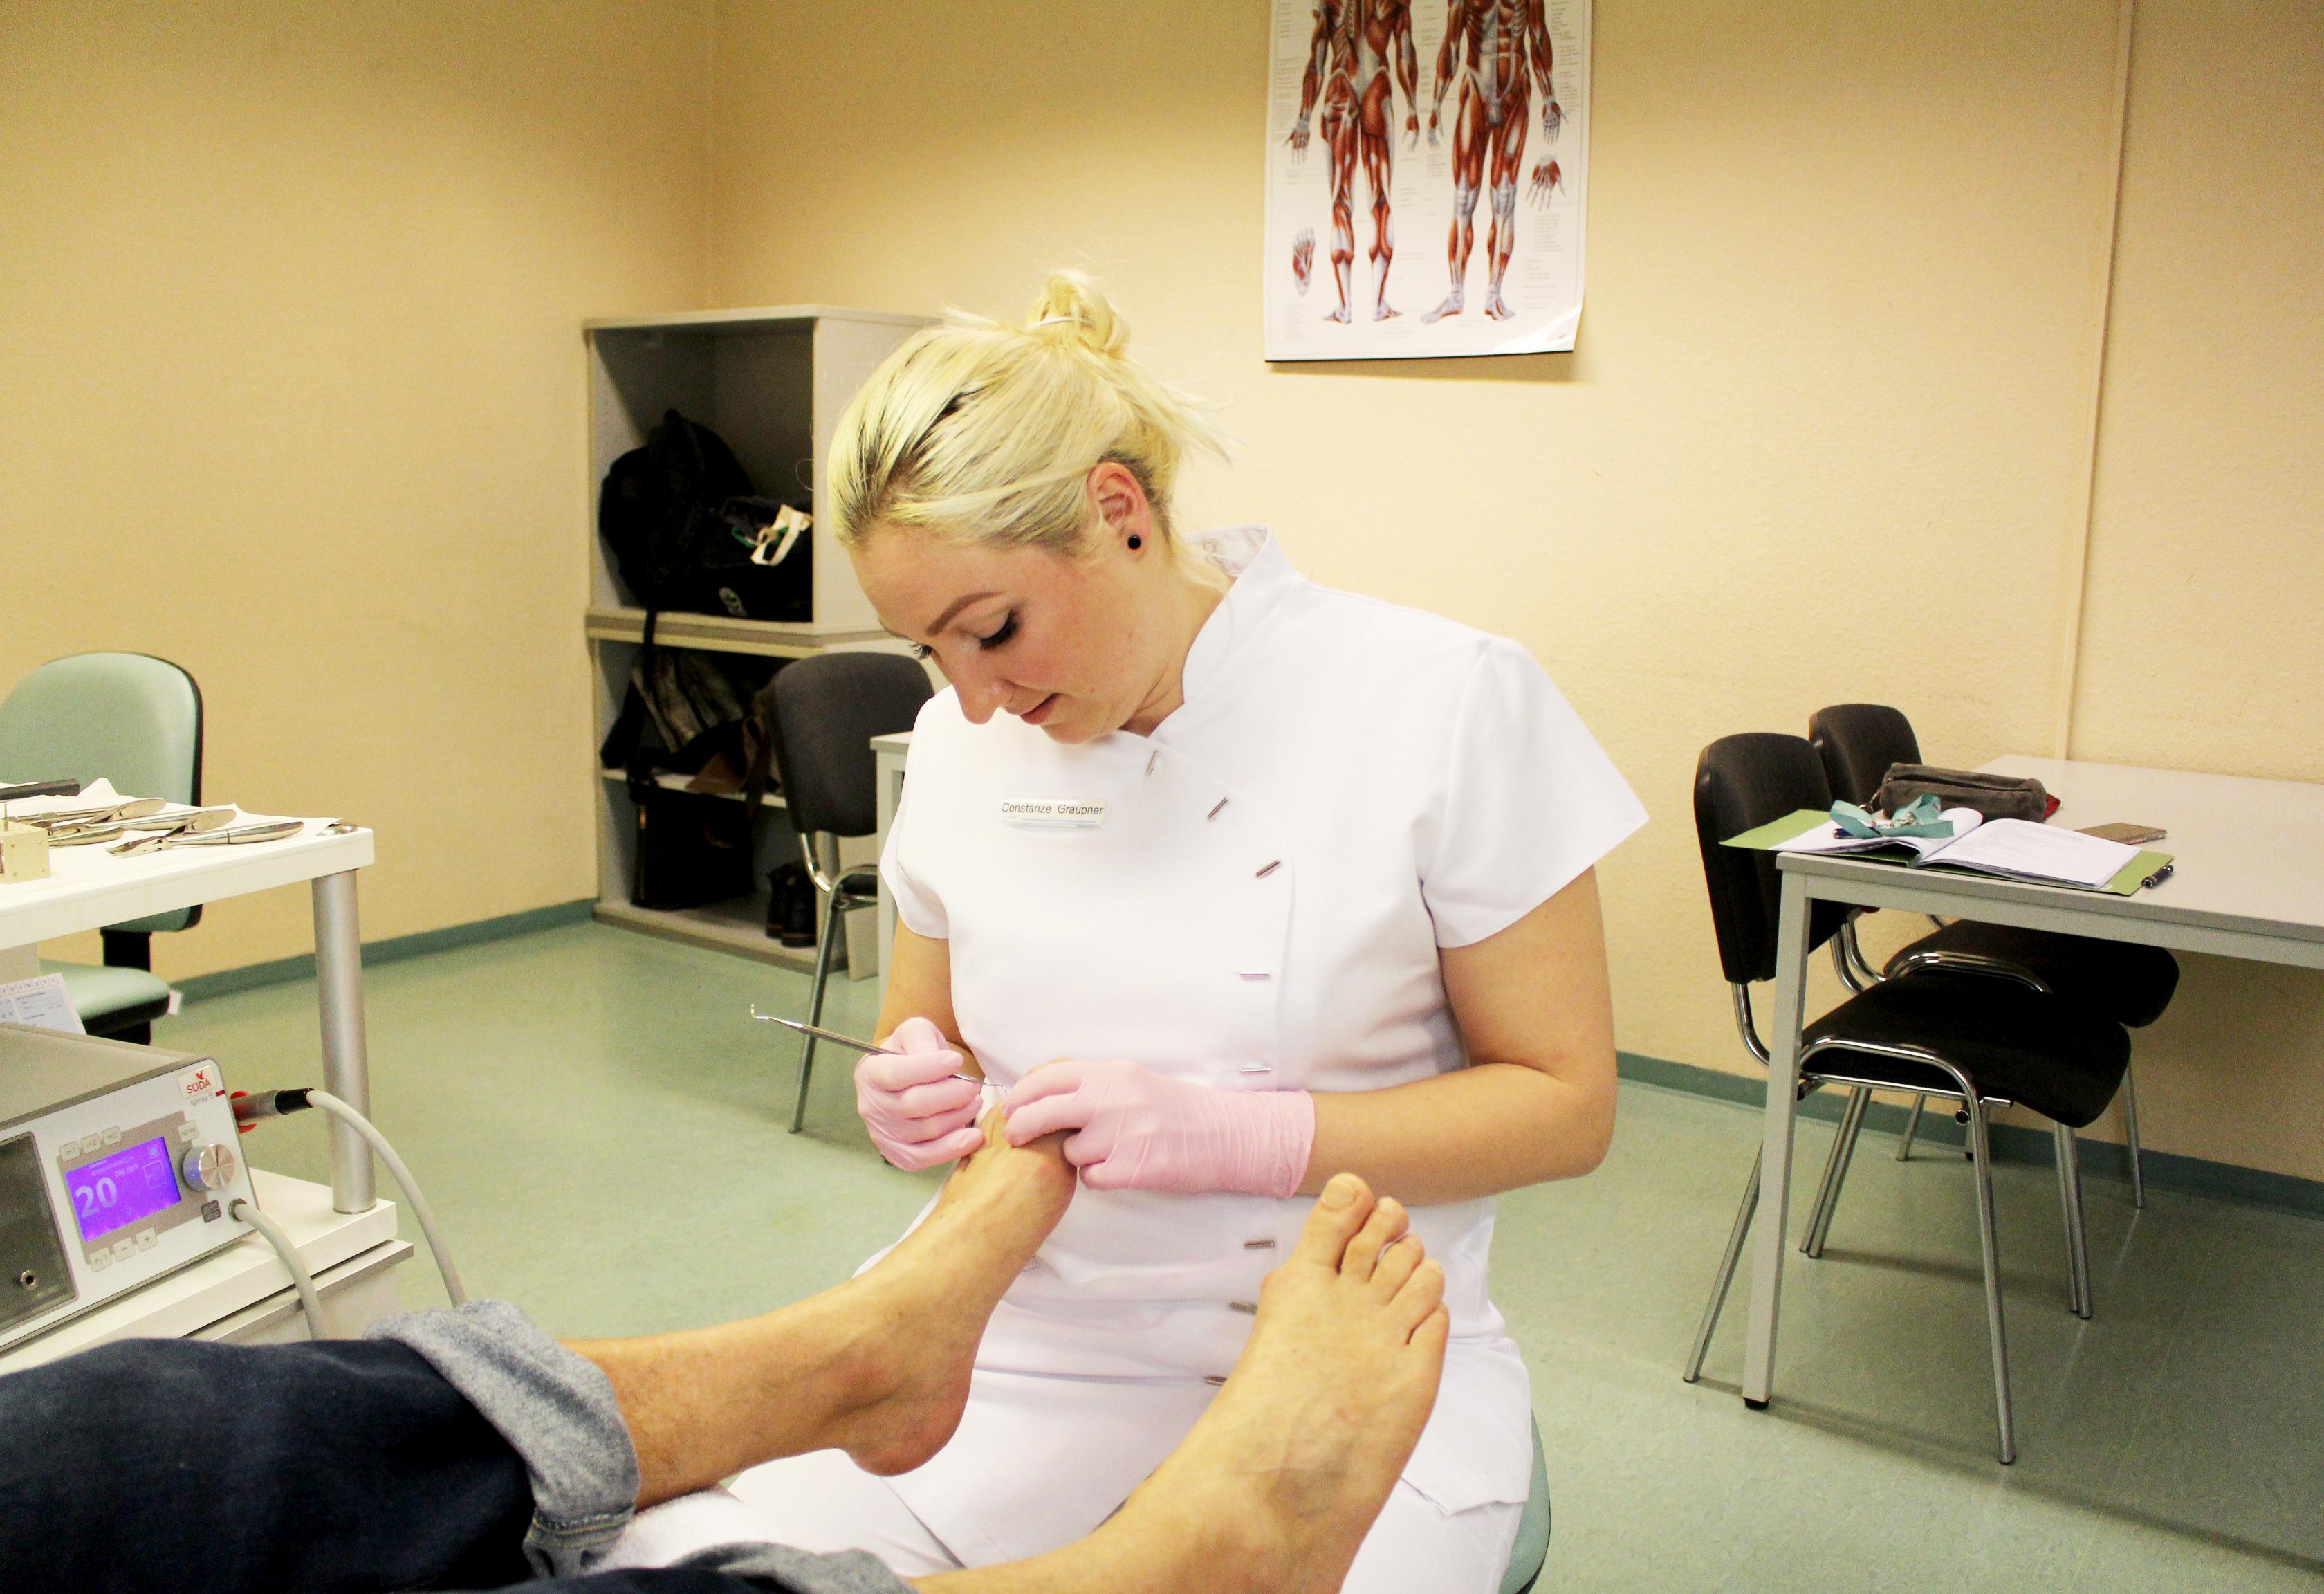 Eine Frau sitzt und pflegt die Füße von jemanden.